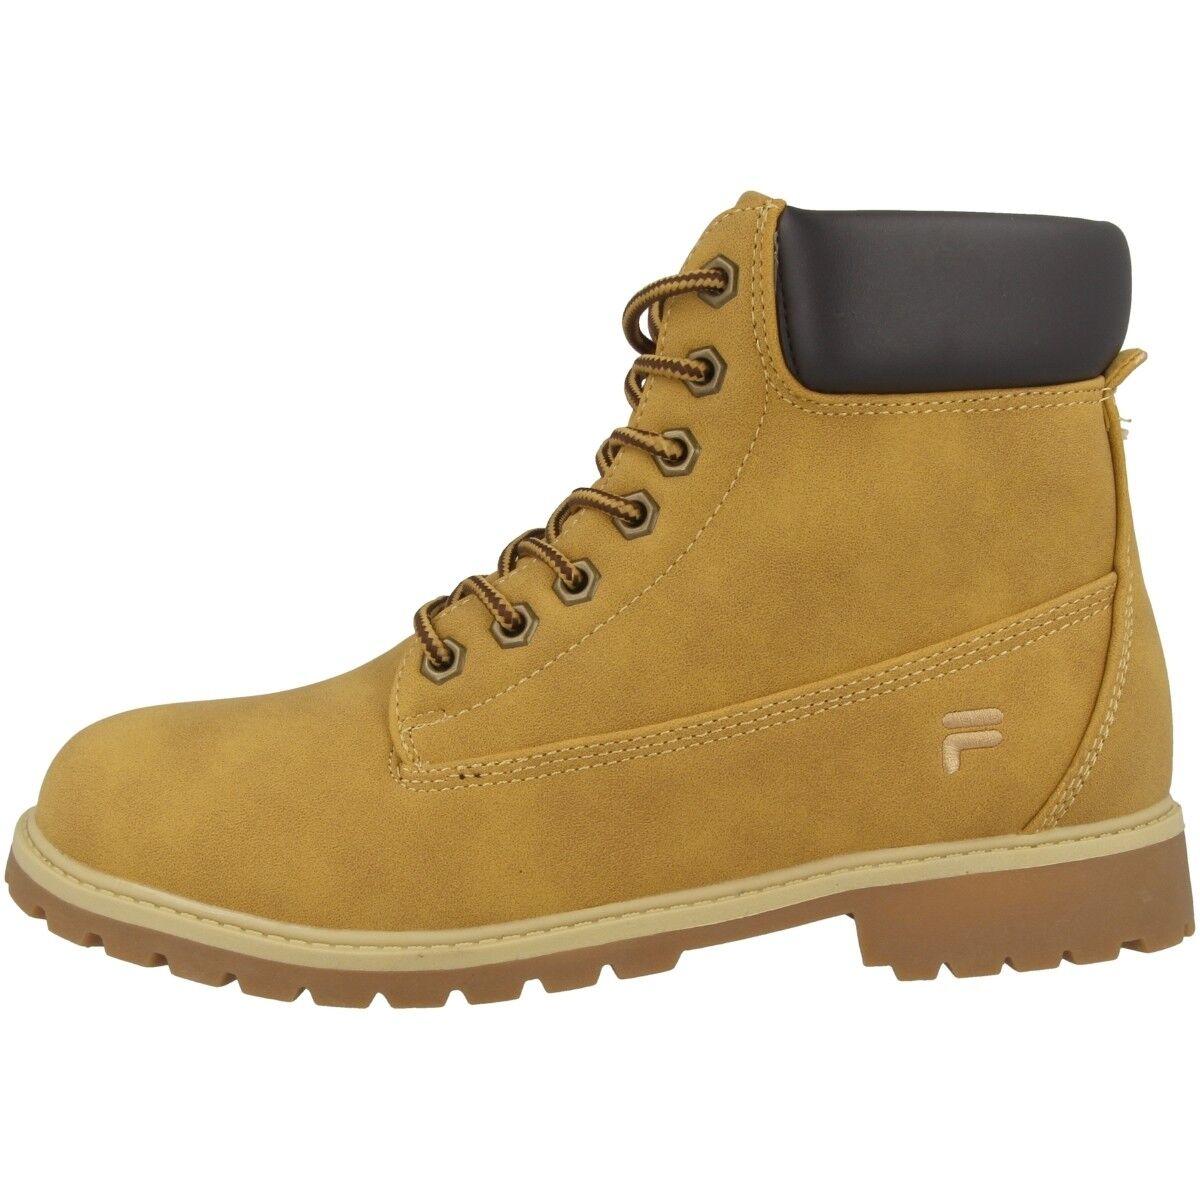 Fila Maverick mid botas zapatos señora outdoor High Top zapatos botas 1010196.edu